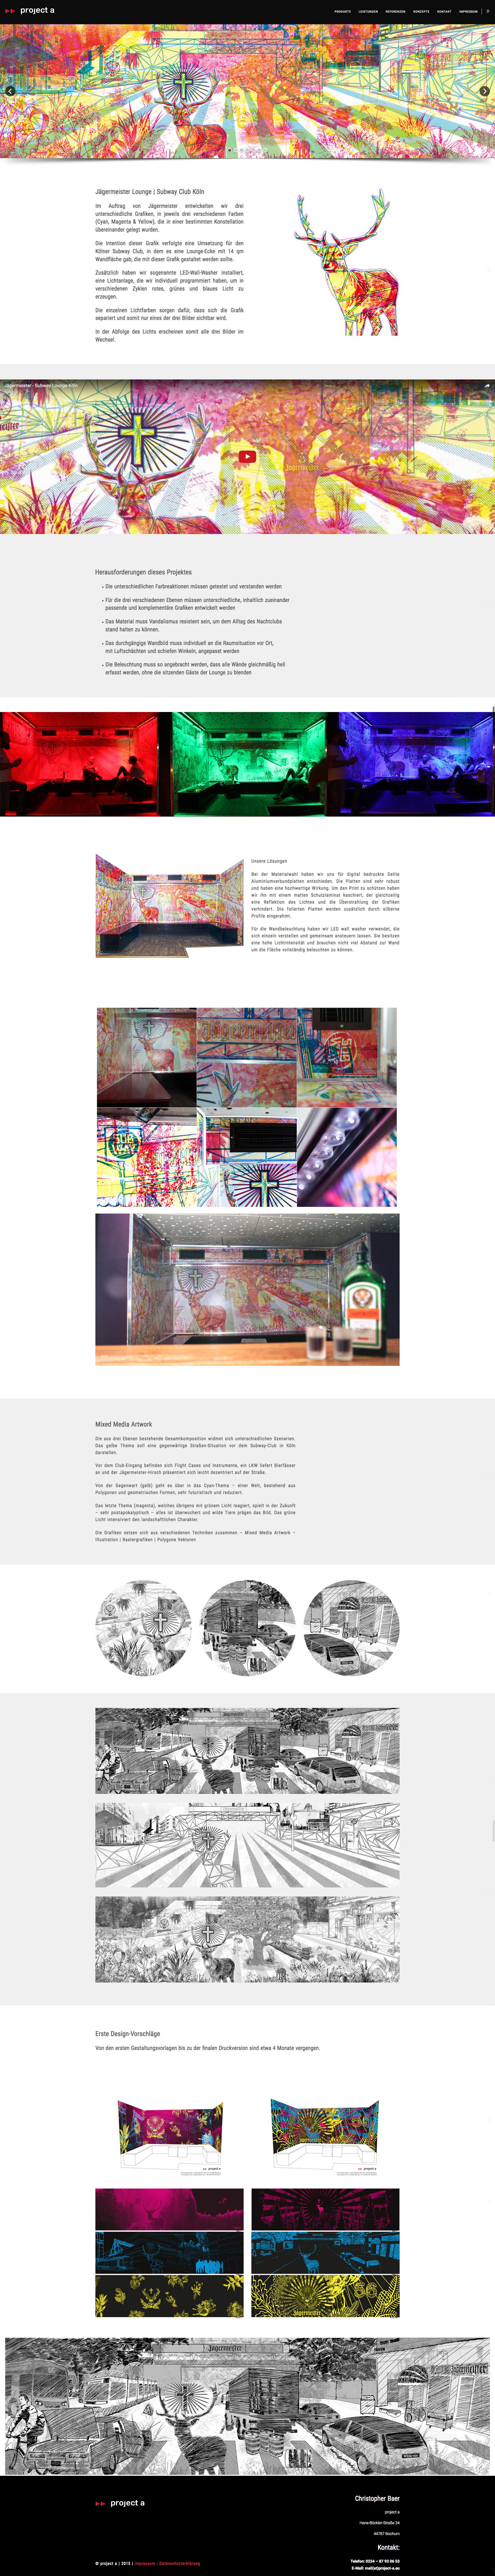 jägermeister, dokumentation, cmyk grafik, grafikdesign, gestaltung, illustration, grafische gestaltung, zeichnung, fotografie, bildbearbeitung, kreativbüro, bochum, essen, witten